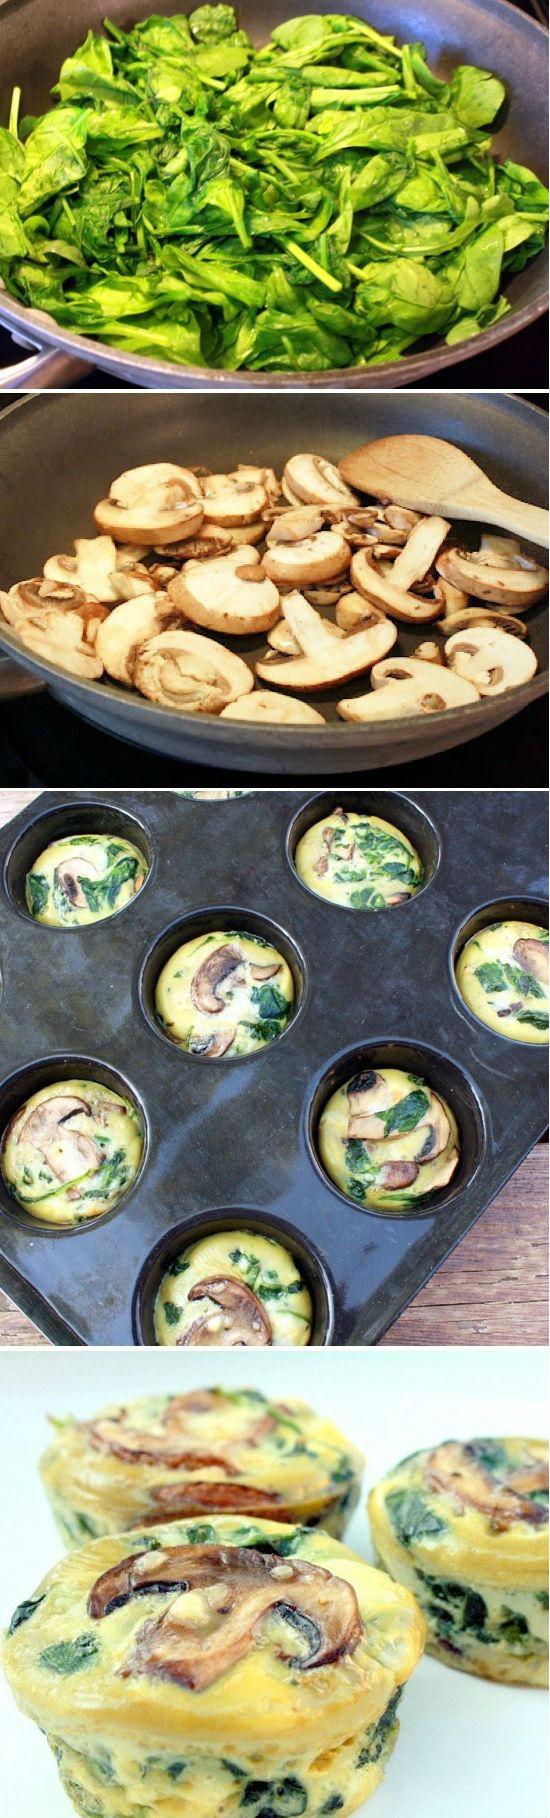 آموزش گام به گام کاپ کوکوی قارچ - آشپزی مامانم